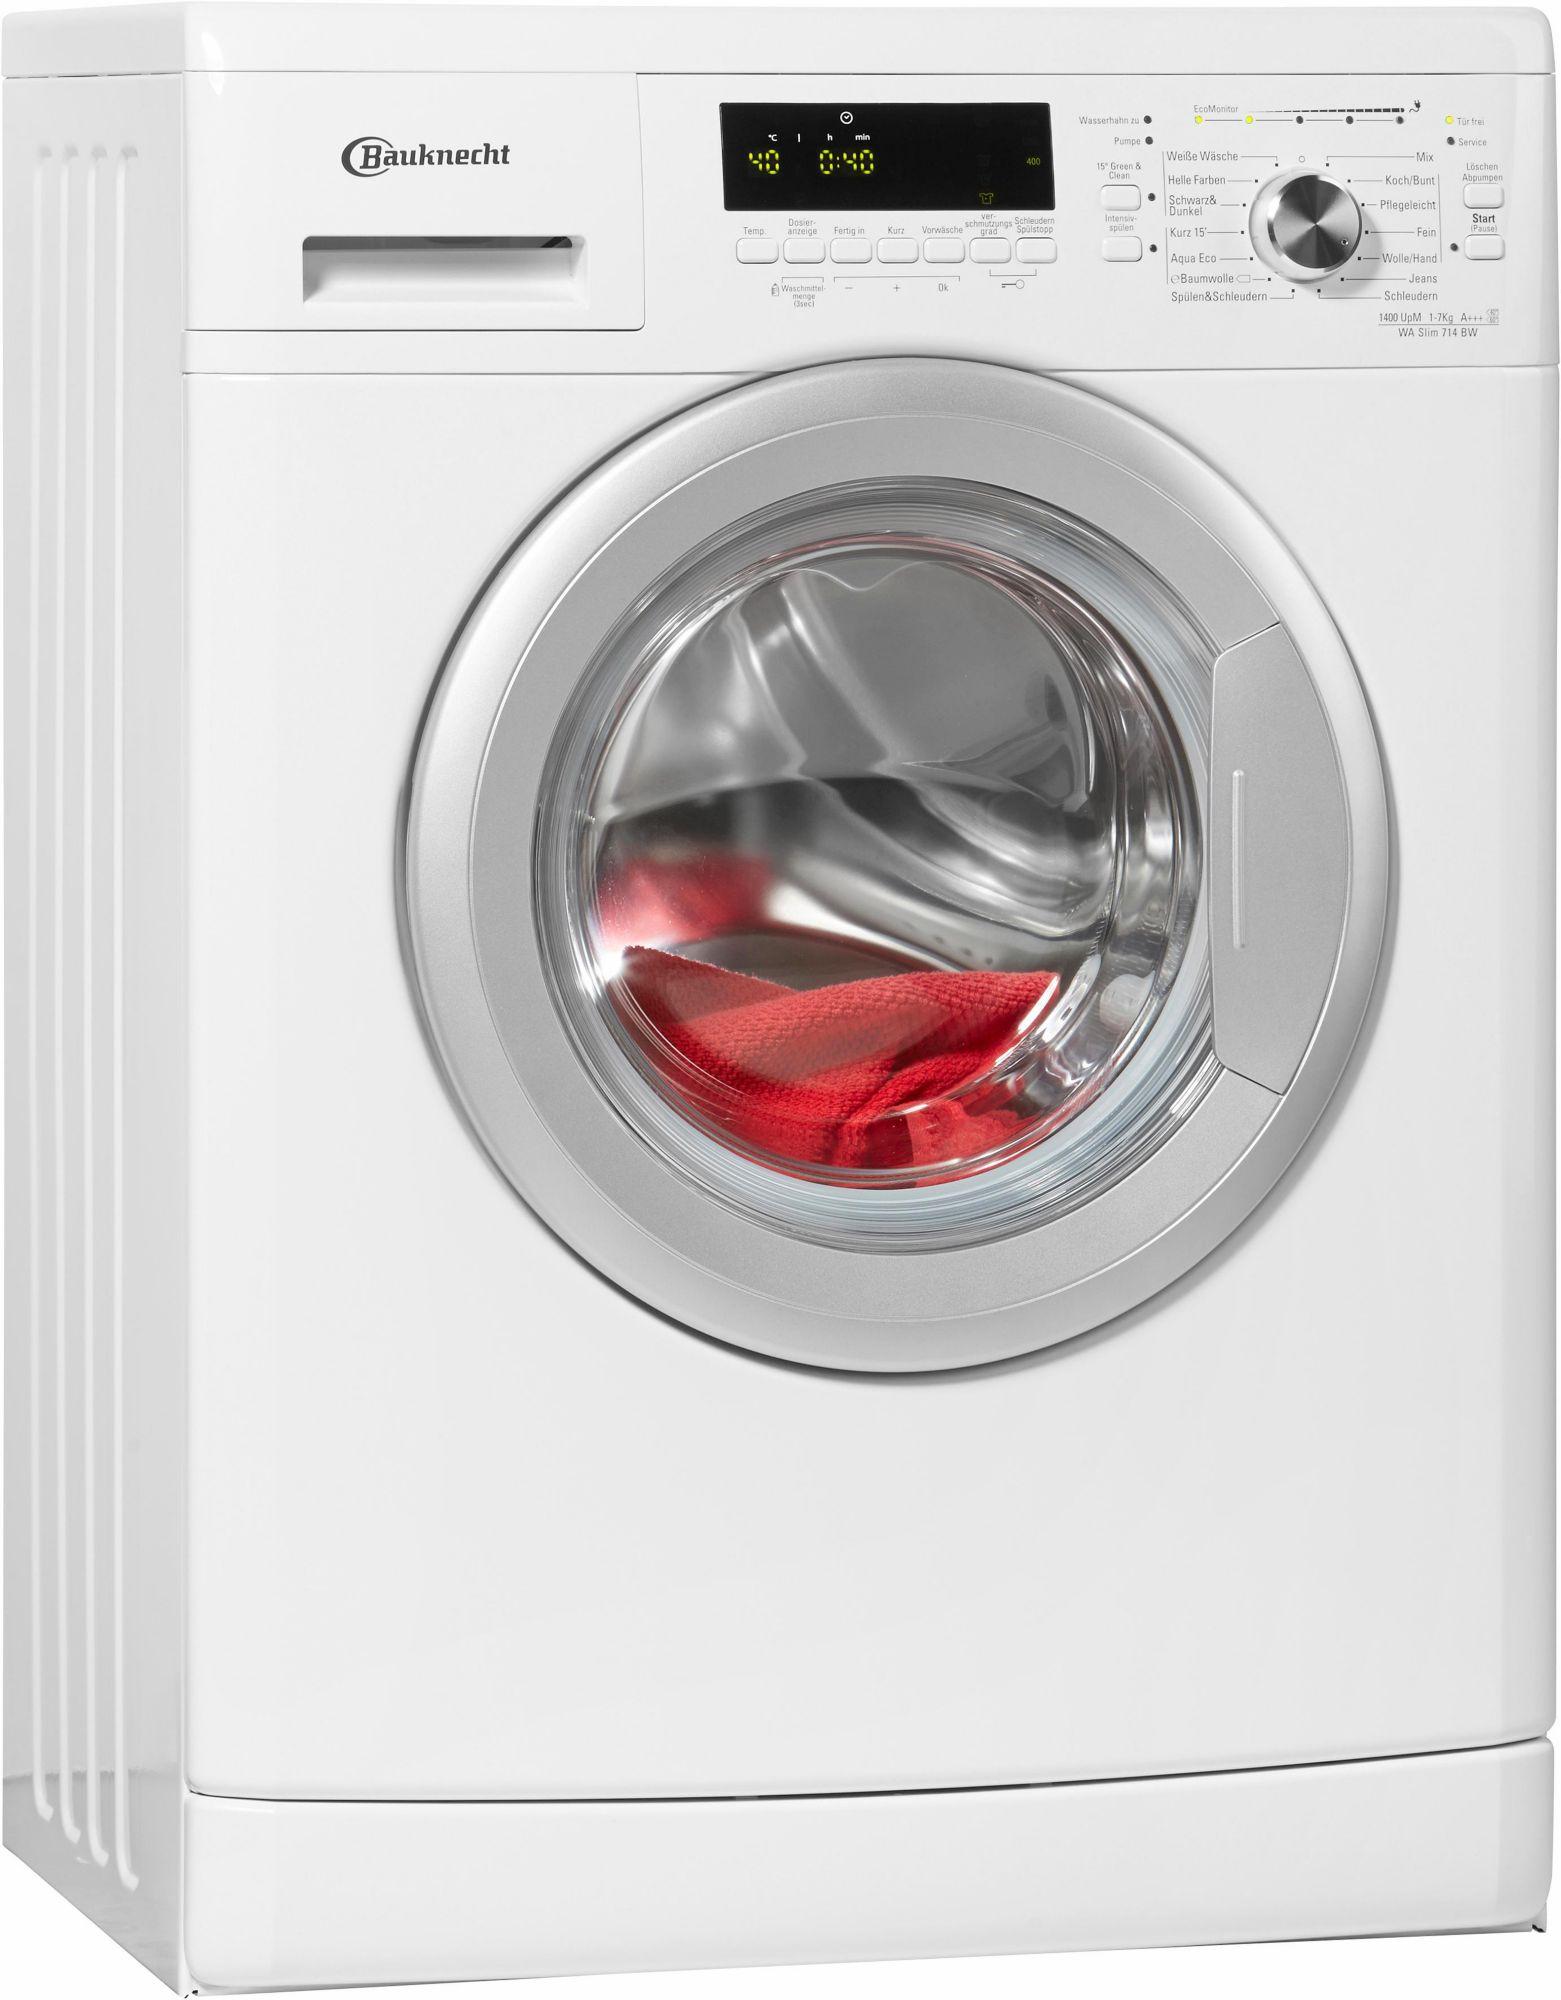 waschmaschine bauknecht preise vergleichen und g nstig. Black Bedroom Furniture Sets. Home Design Ideas